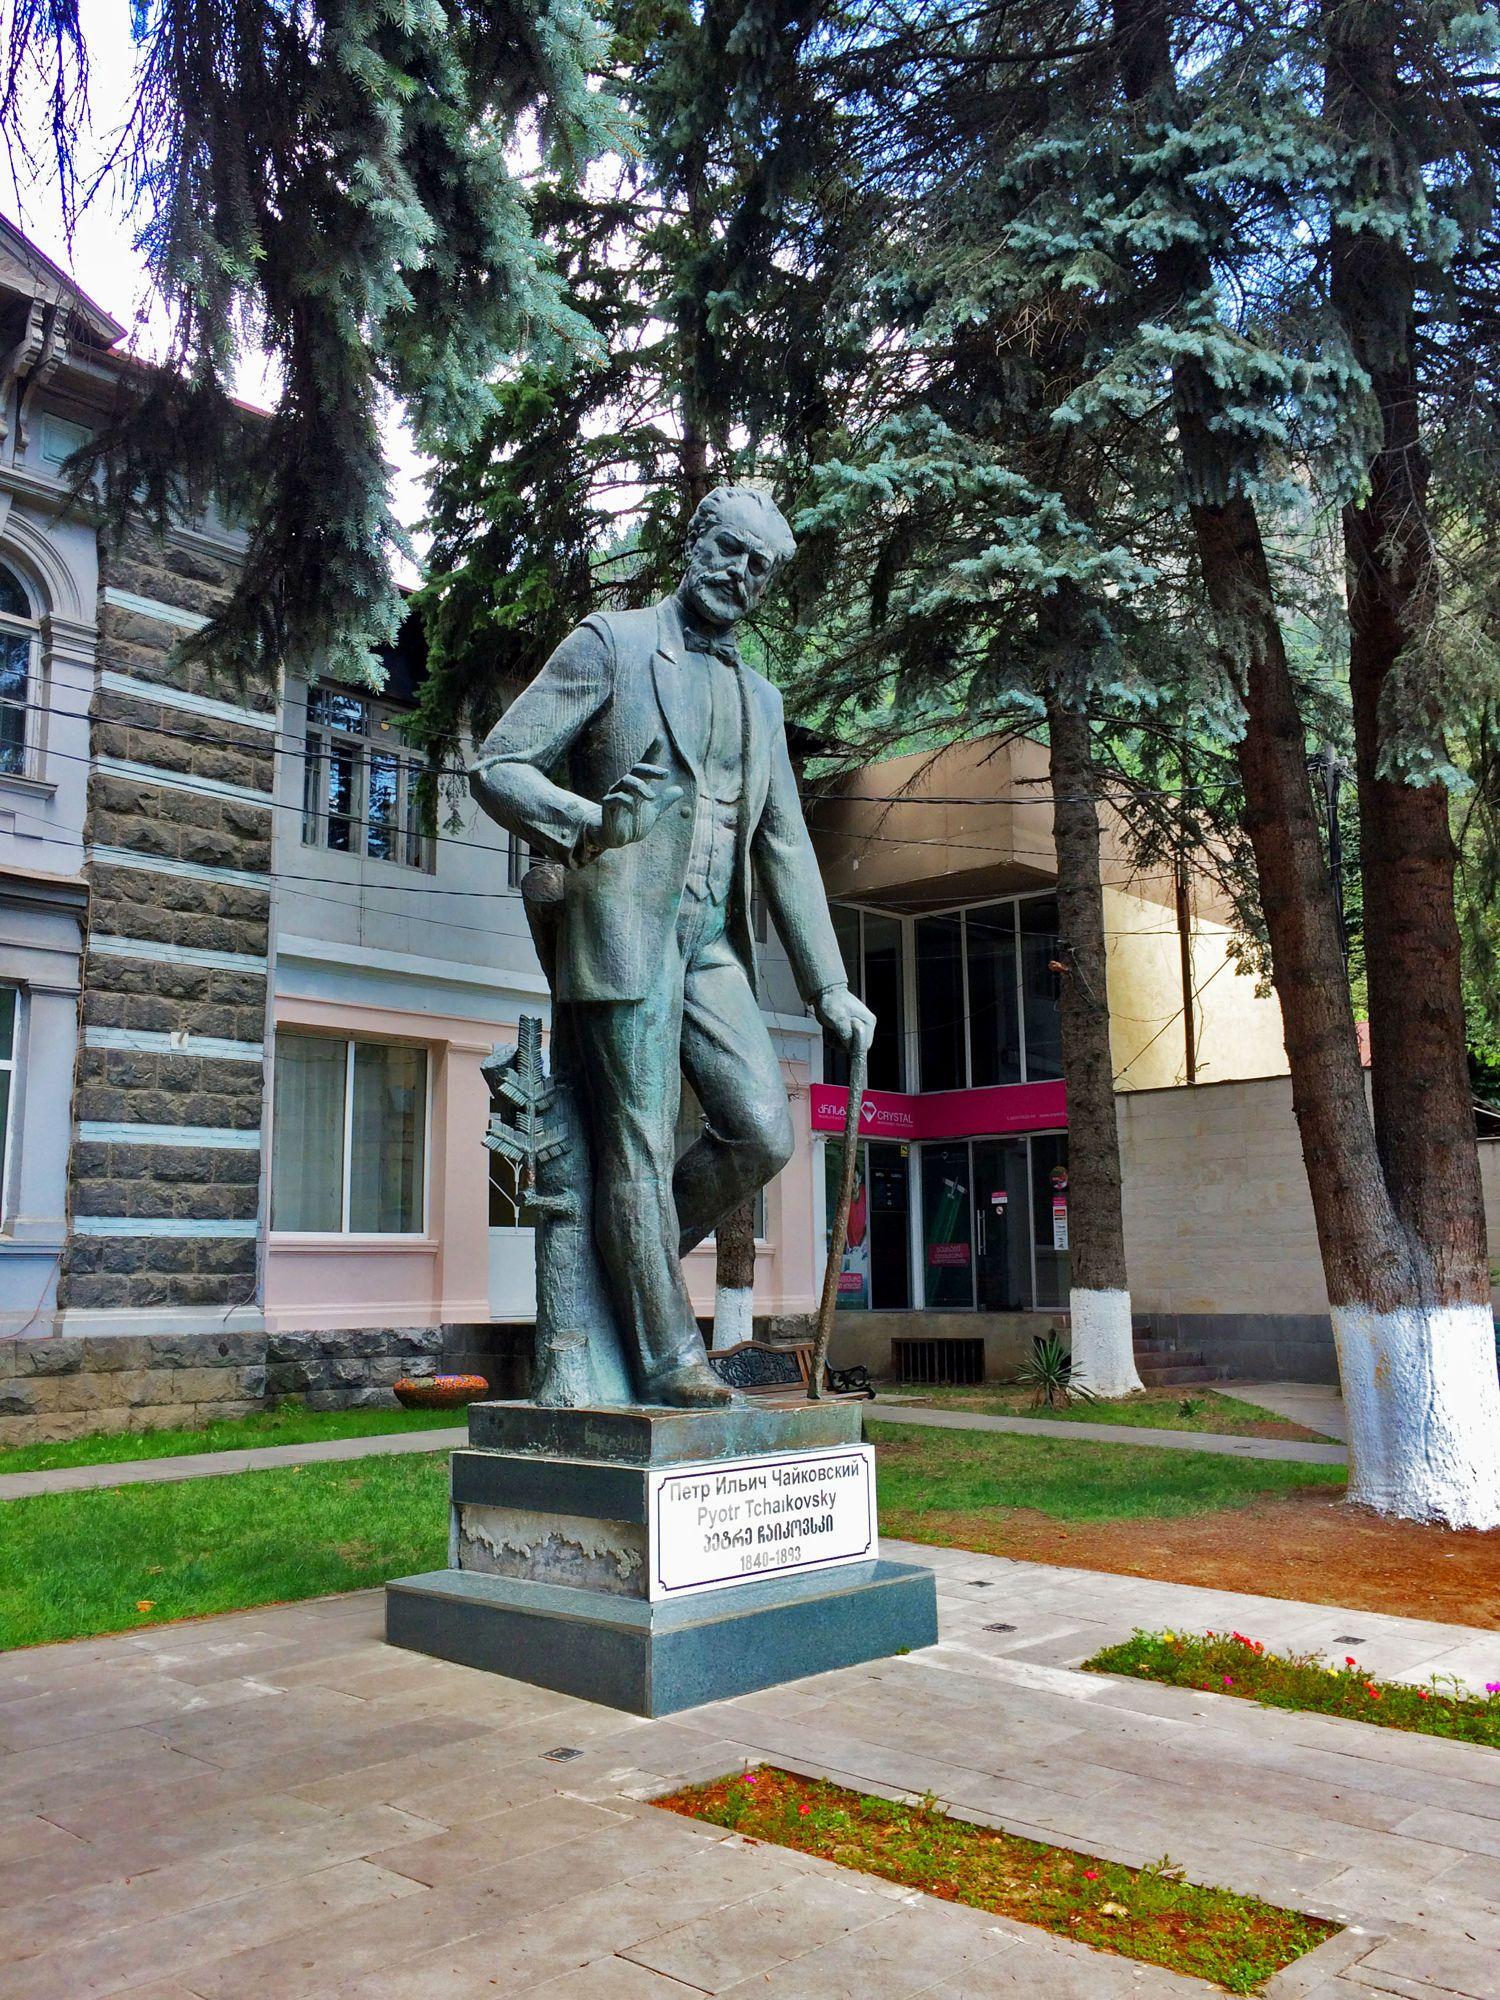 обязательно нужно фотографии памятники чайковскому часто перед постановкой